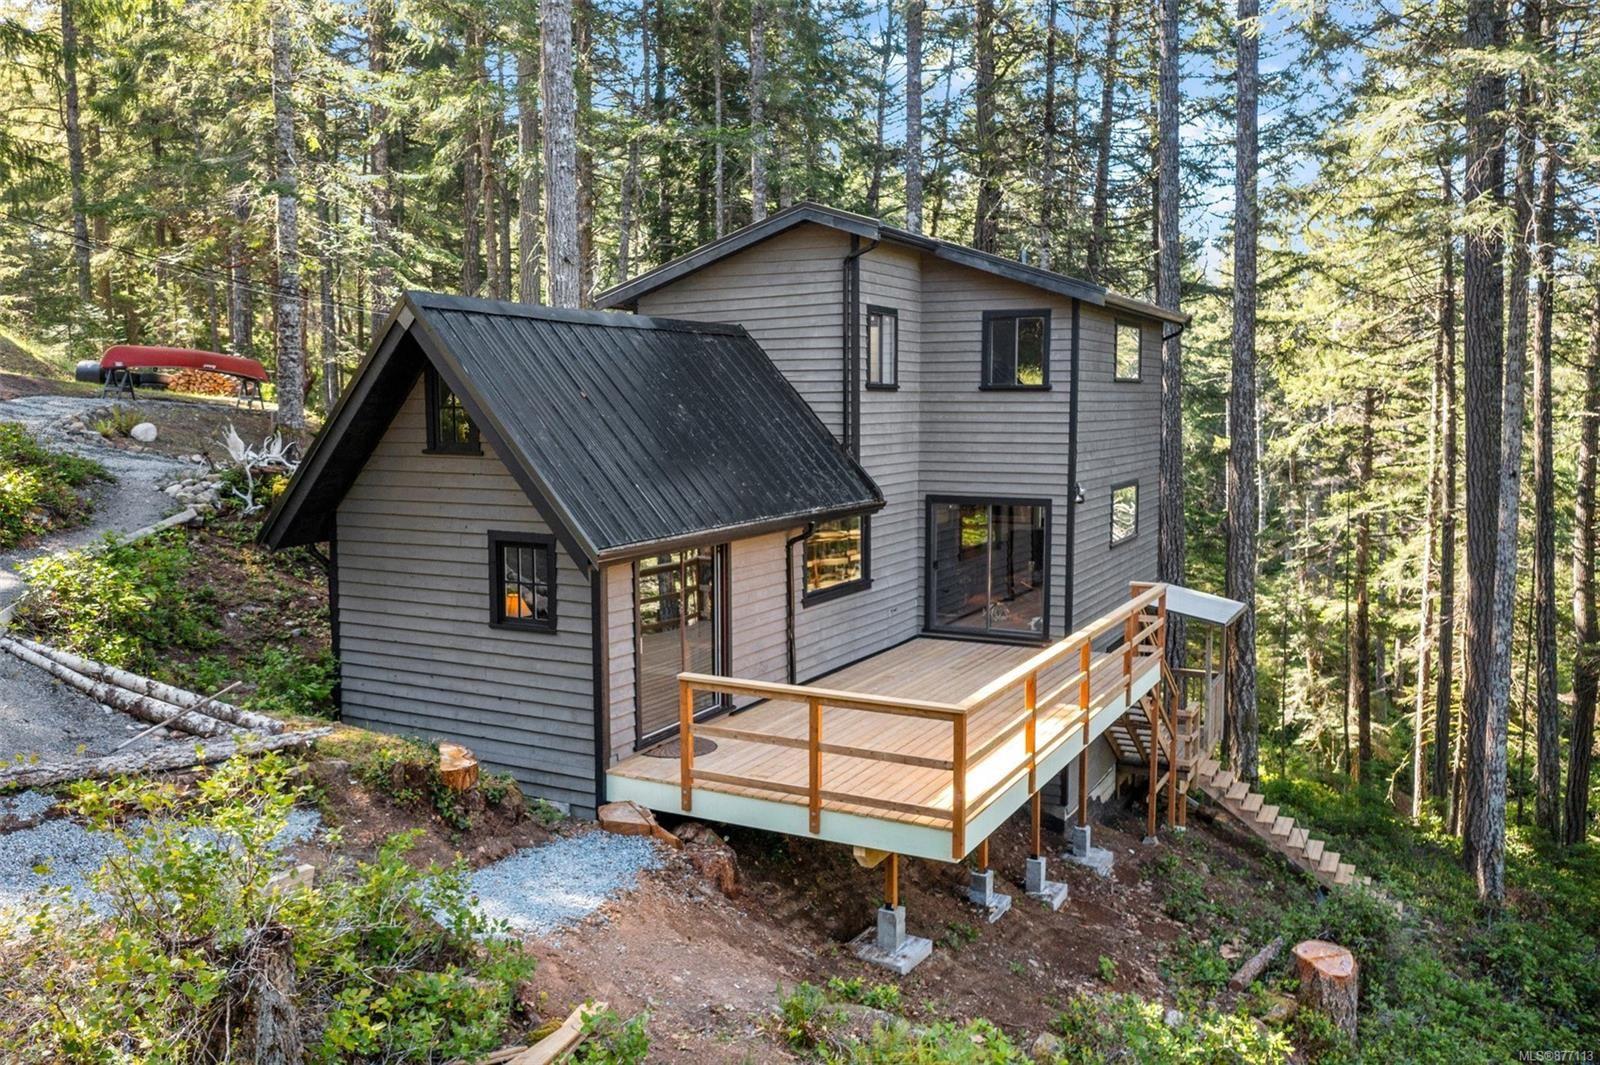 Main Photo: 4861 Jelinek Pl in : Me Kangaroo House for sale (Metchosin)  : MLS®# 877113